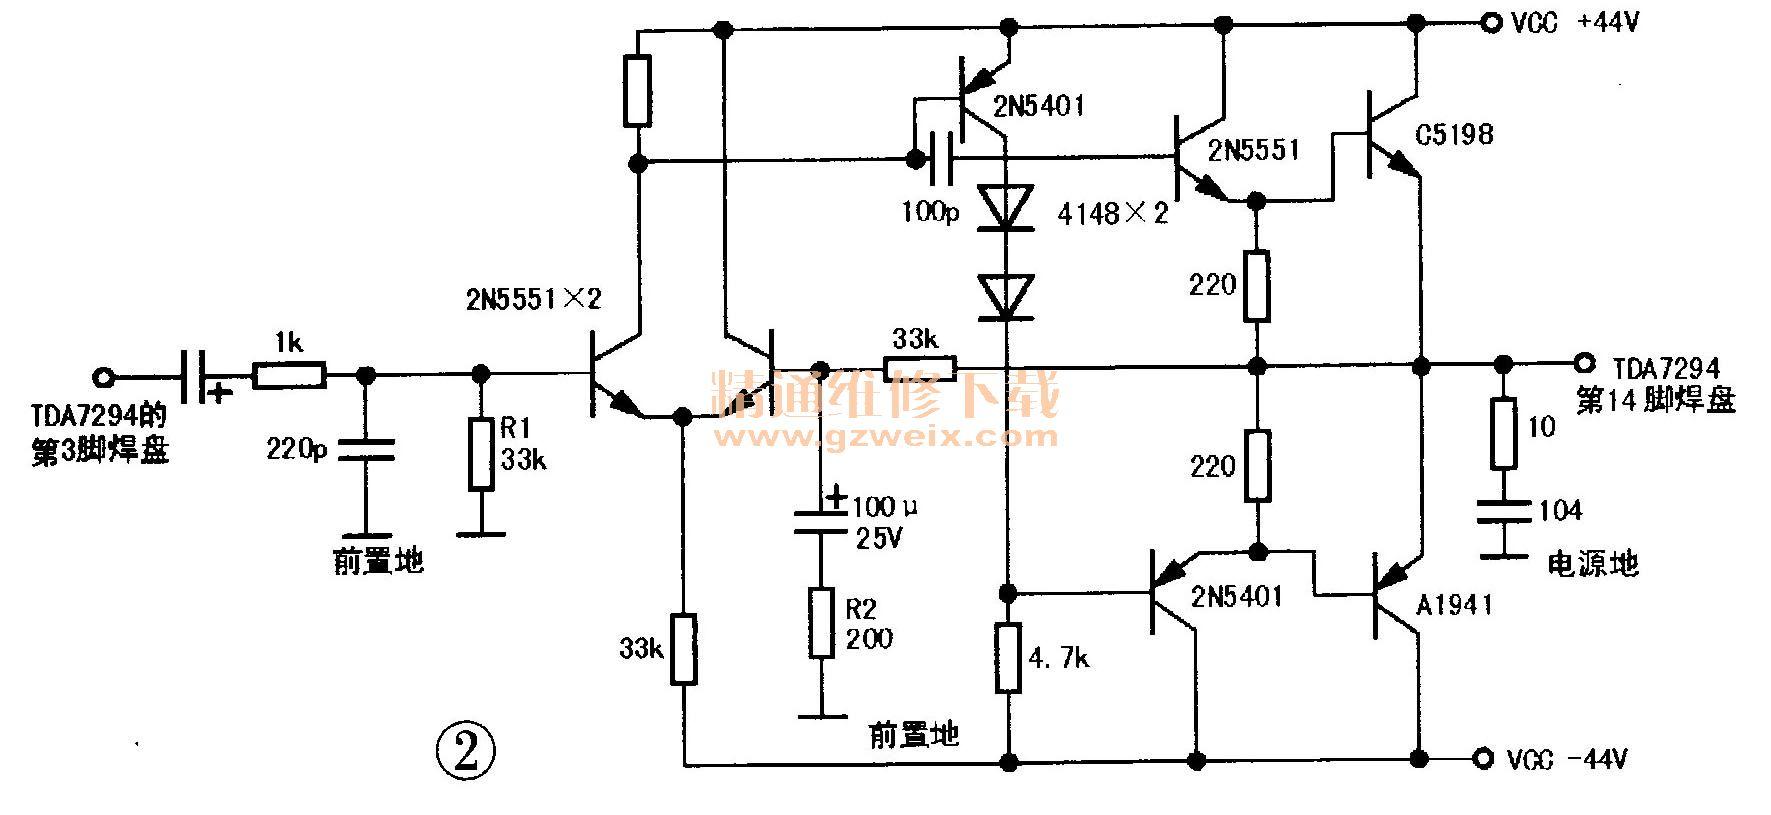 用分立元件代换音频功放块TDA729 - 精通维修下载